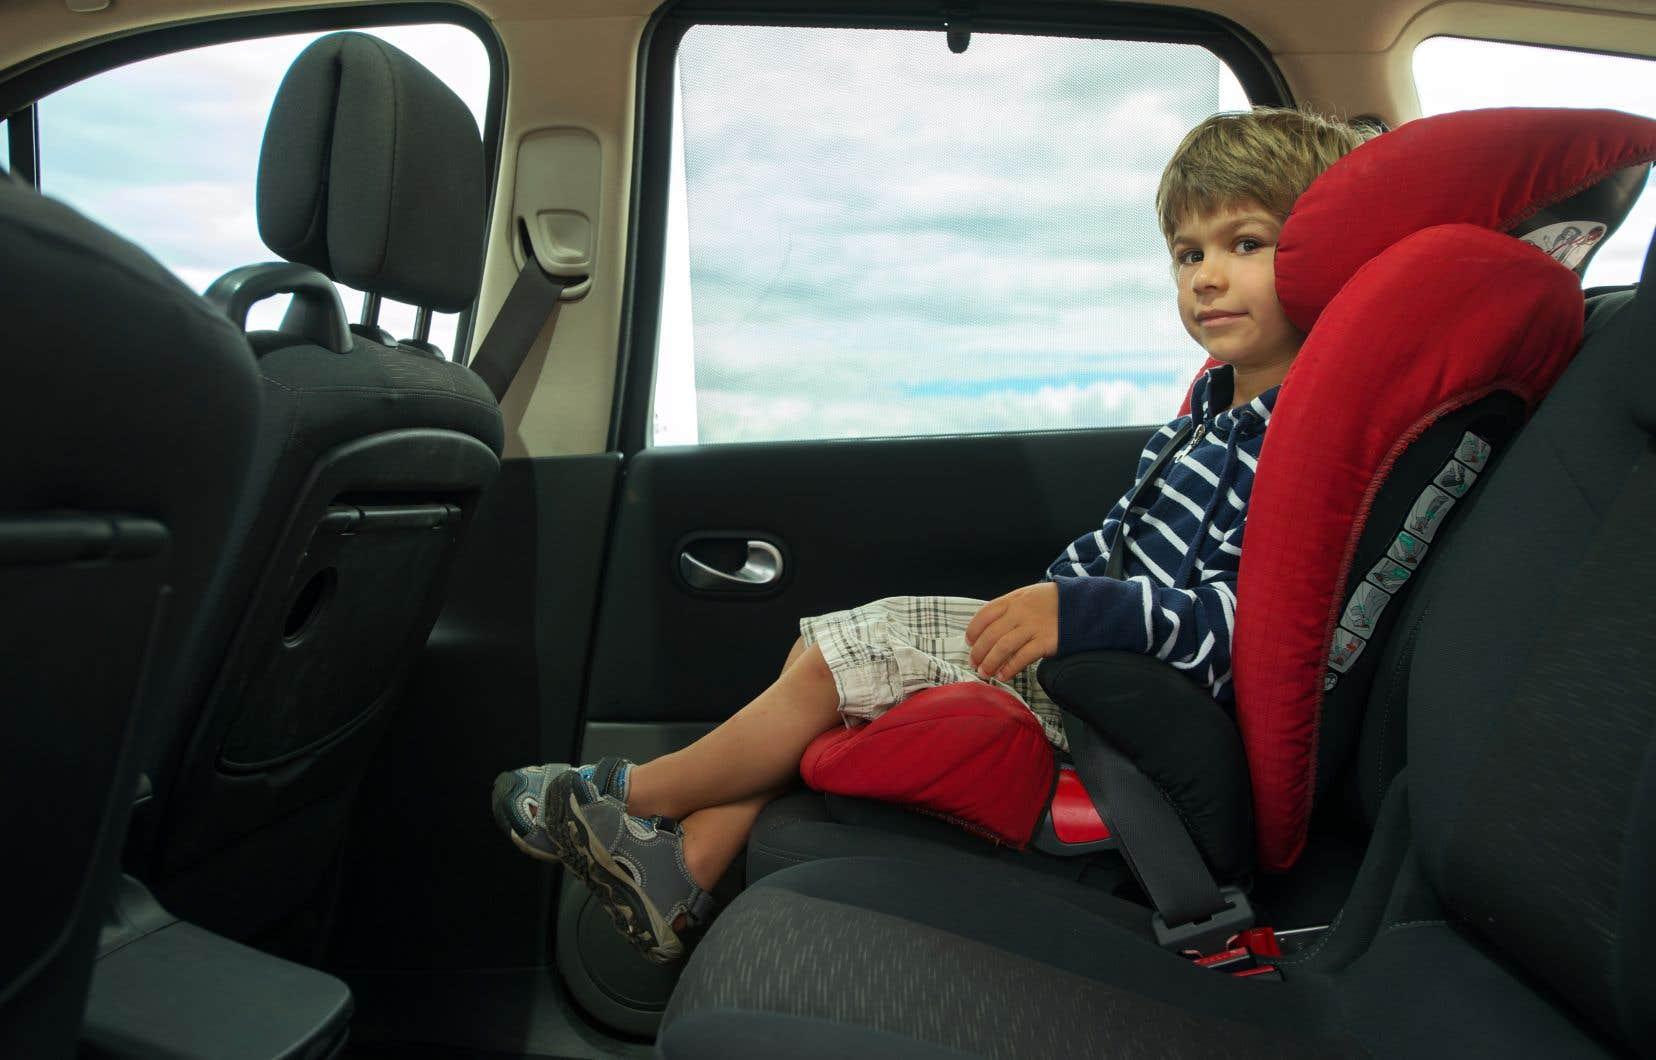 Sans un siège rehausseur, la ceinture peut effectuer une forte pression au niveau du cou et de l'abdomen de l'enfant.